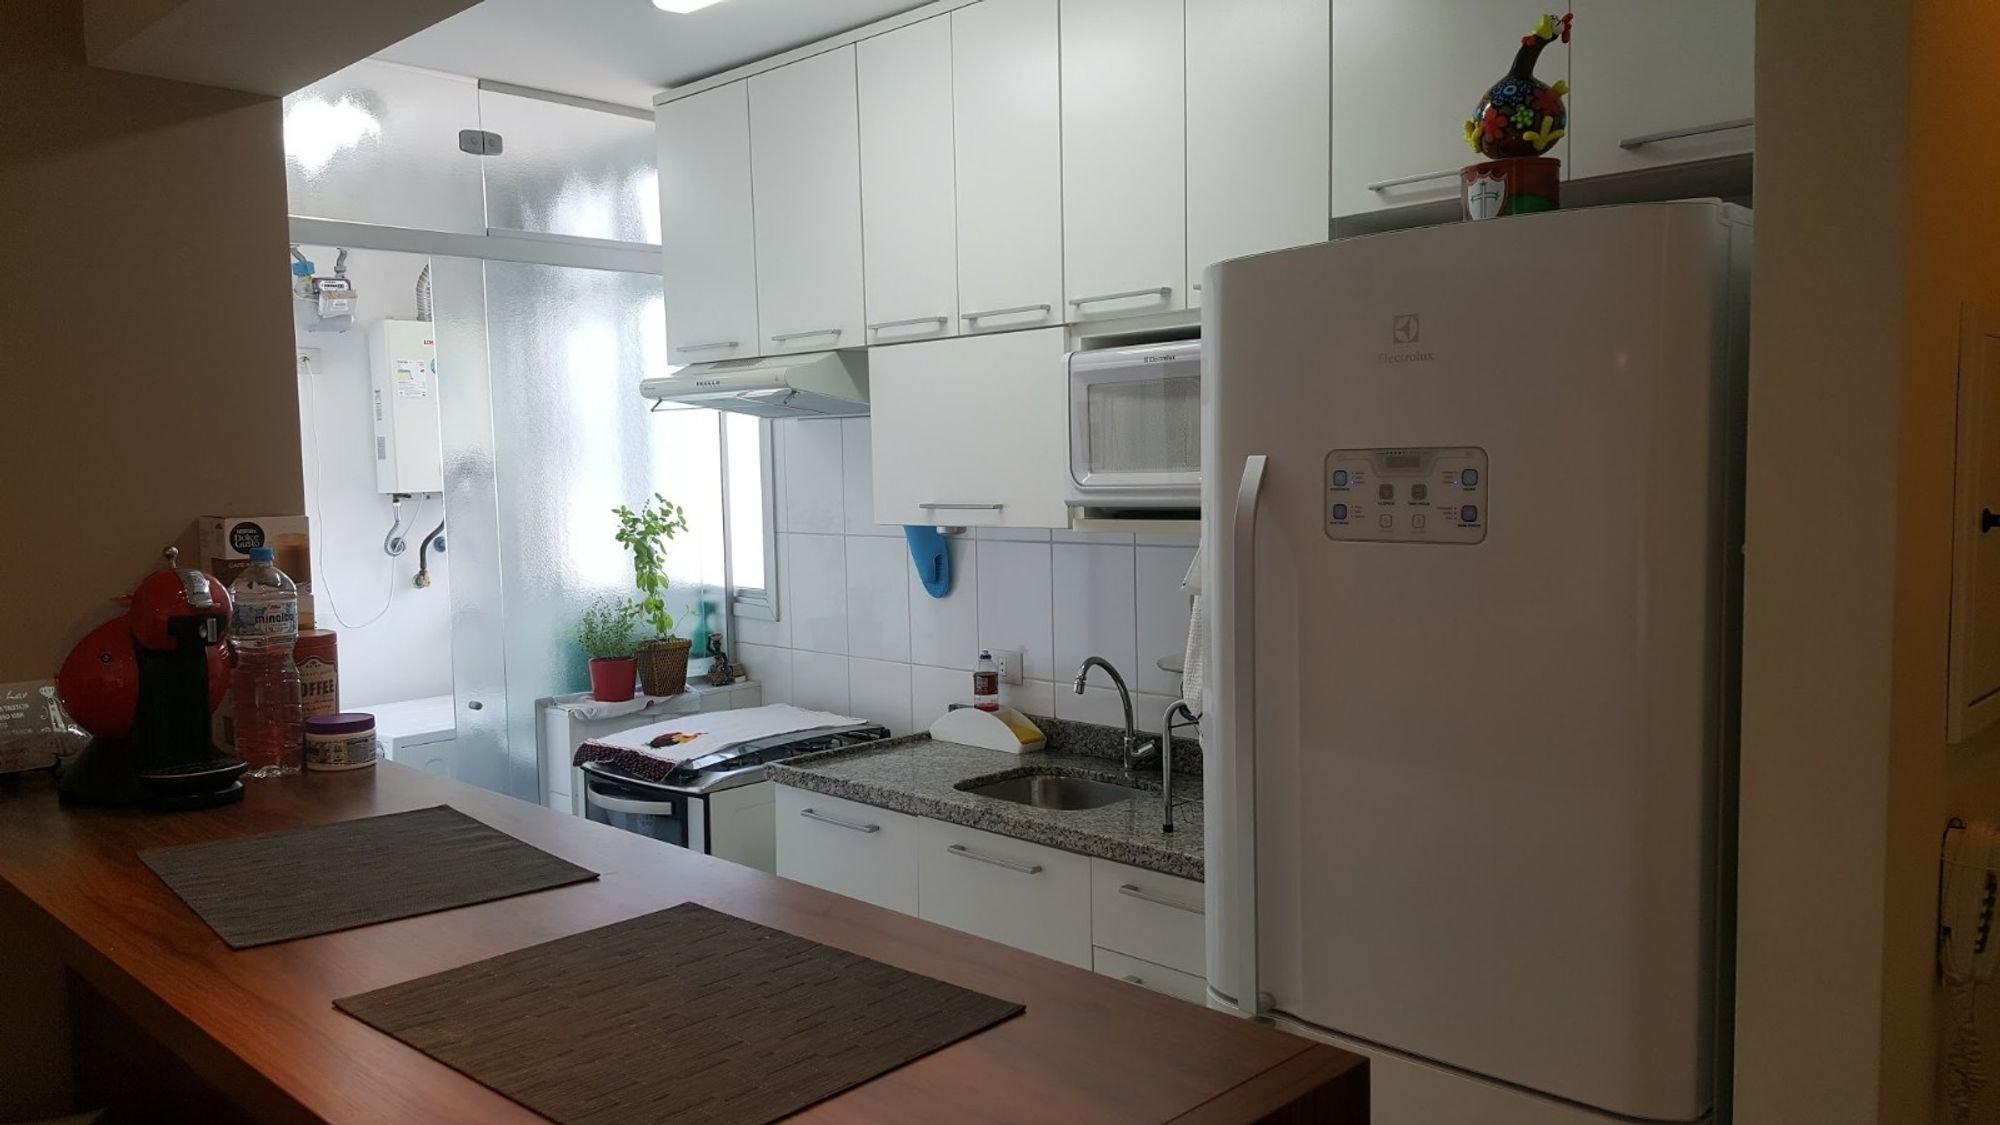 Foto de Cozinha com vaso de planta, geladeira, pia, microondas